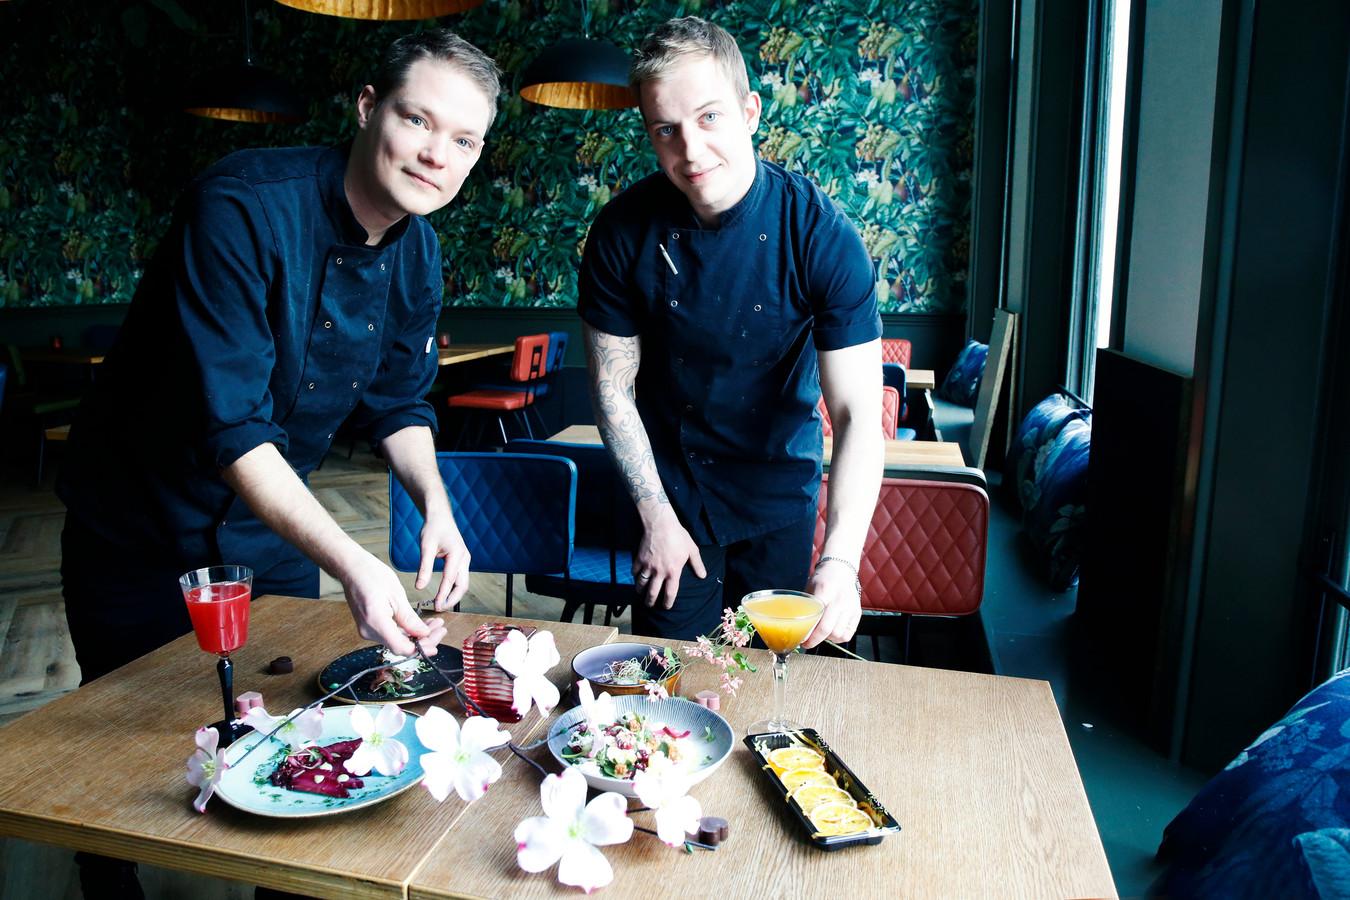 Veel Utrechtse koks, zoals Nick (l) en Jeffrey van restaurant Blij en restaurant Seven, bereiden romantische afhaalgerechten.